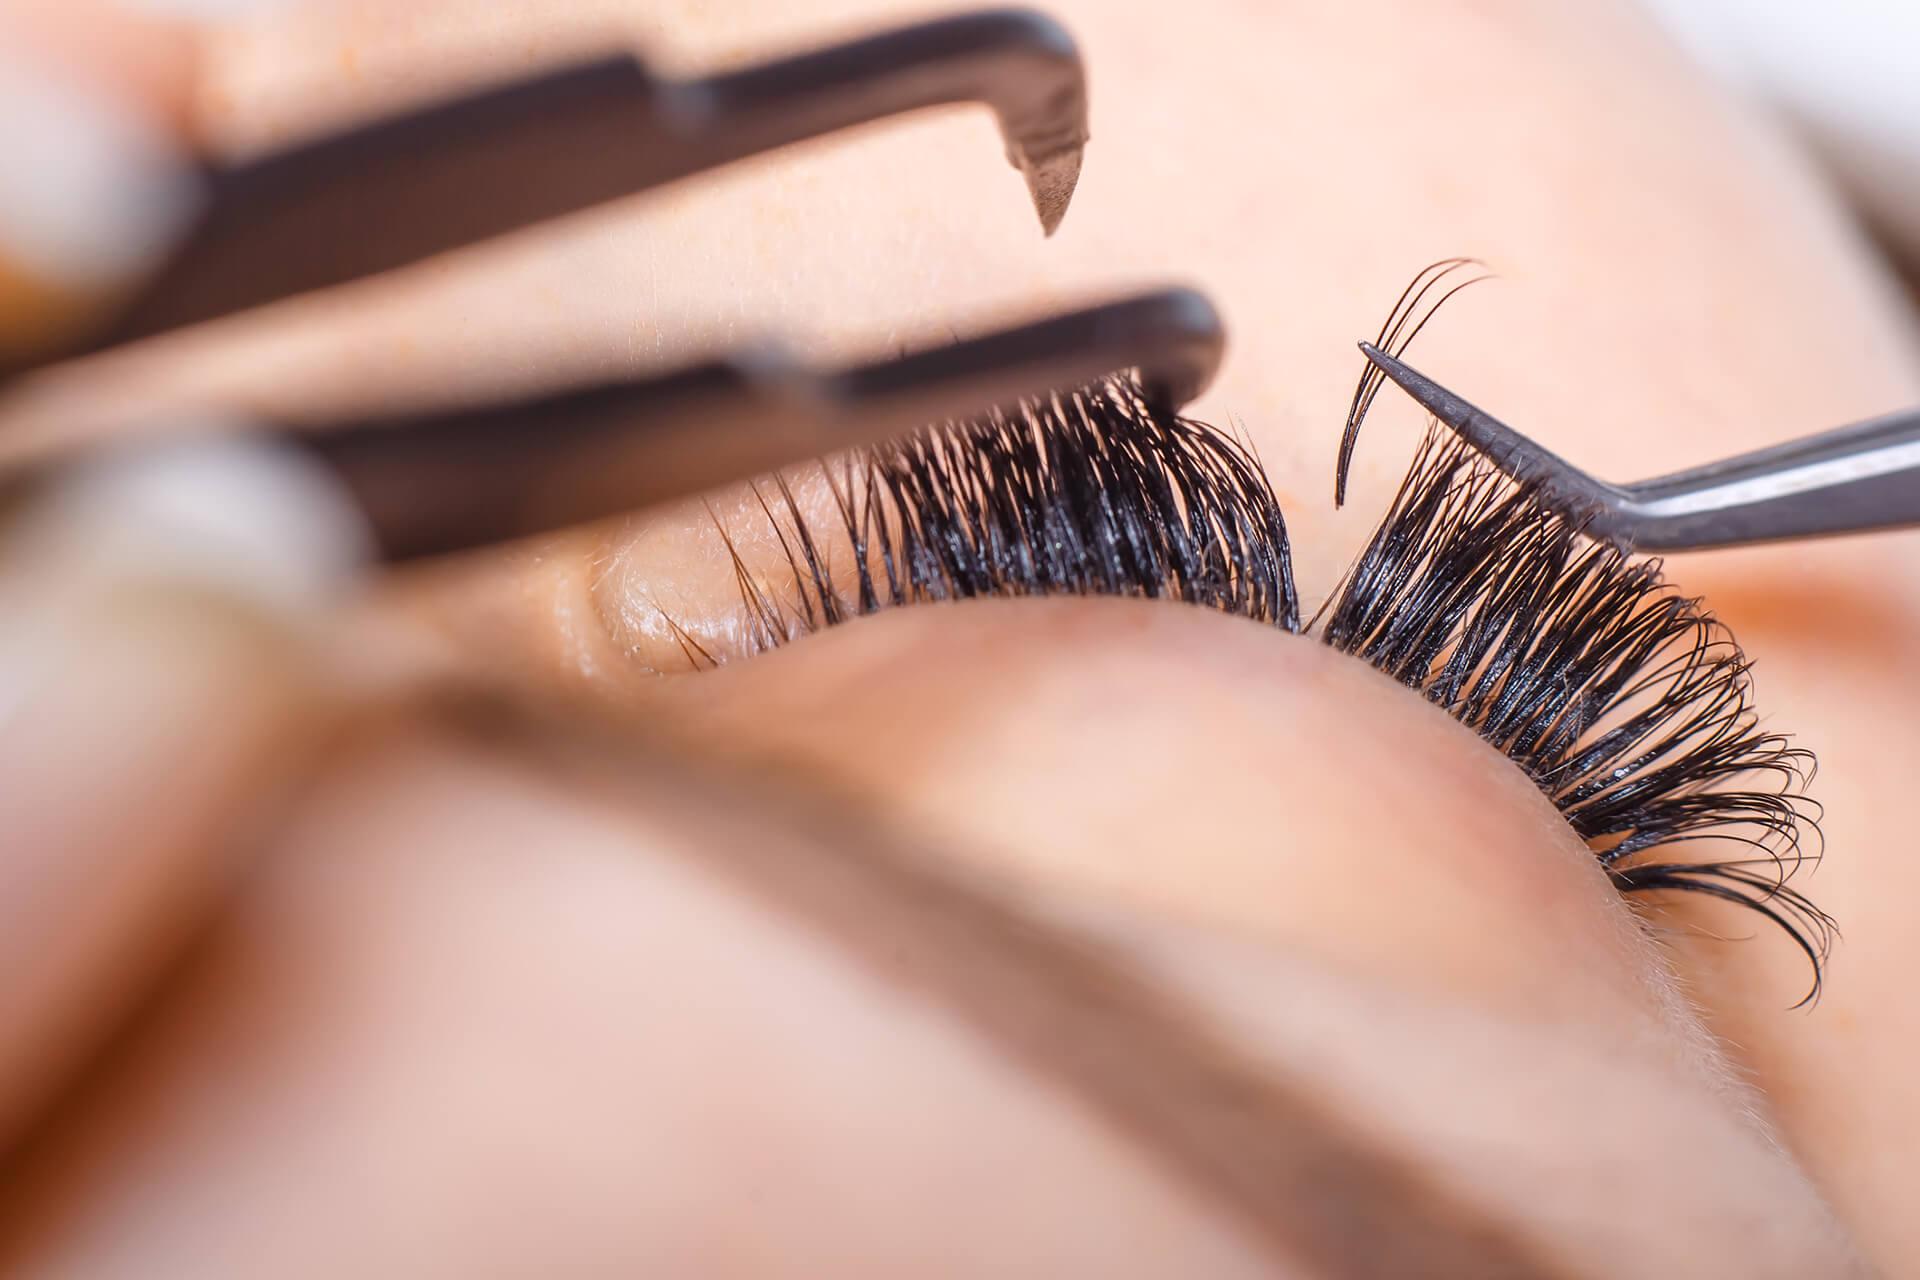 6cb74ba82f4 GLAMD | GLAMD Beauty Salon Chicago | Make up, Skin